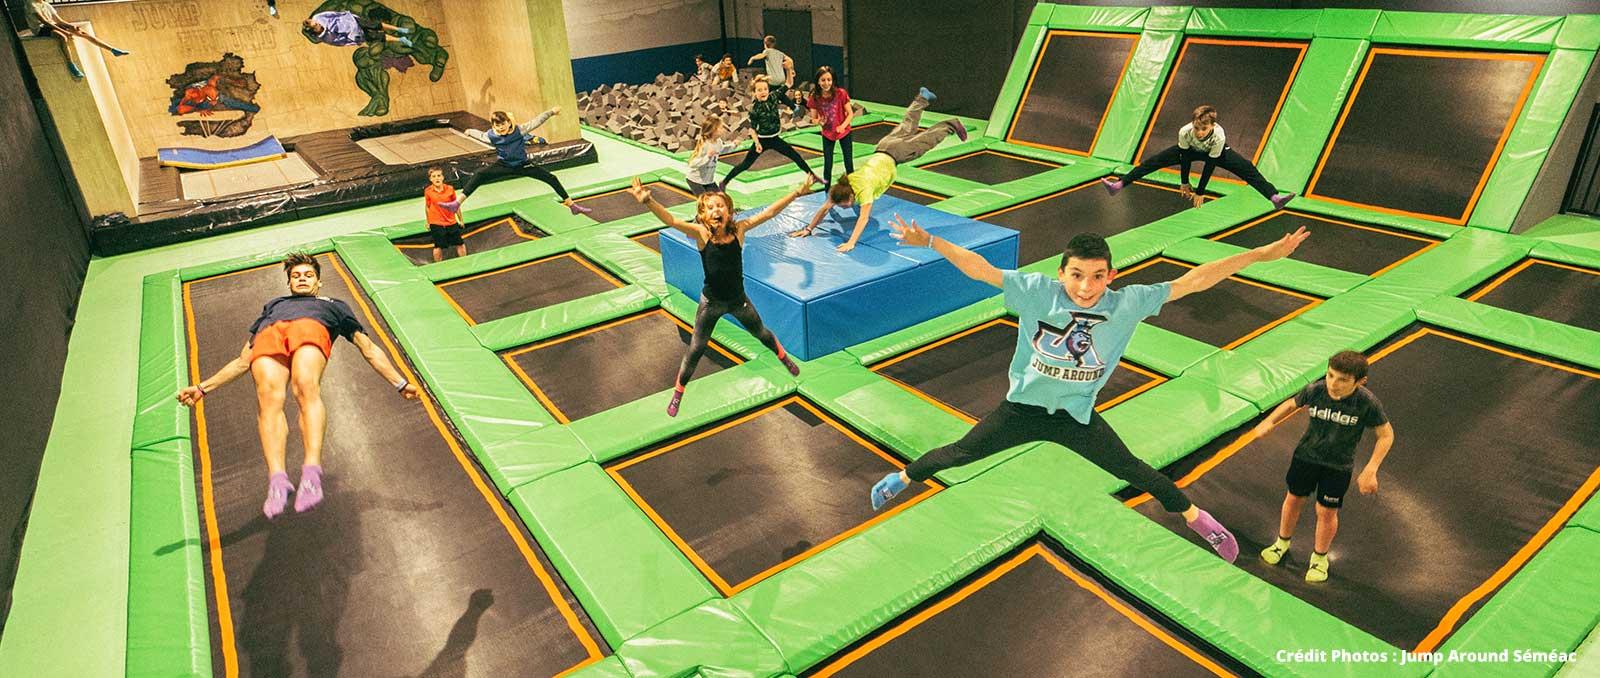 Jump Around - Photo 1